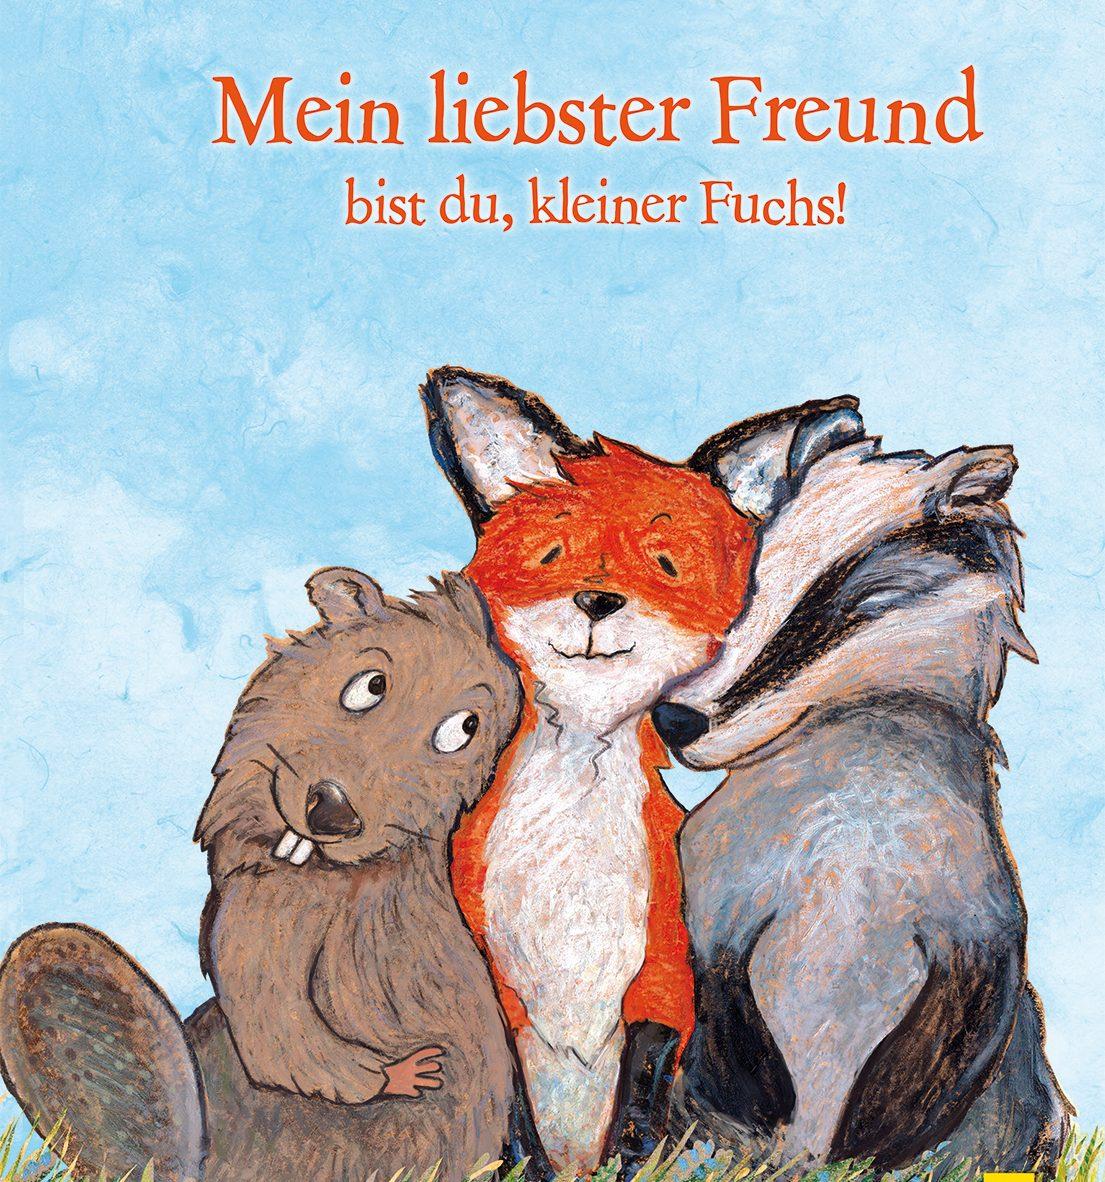 Mein liebster Freund bist du, kleiner Fuchs